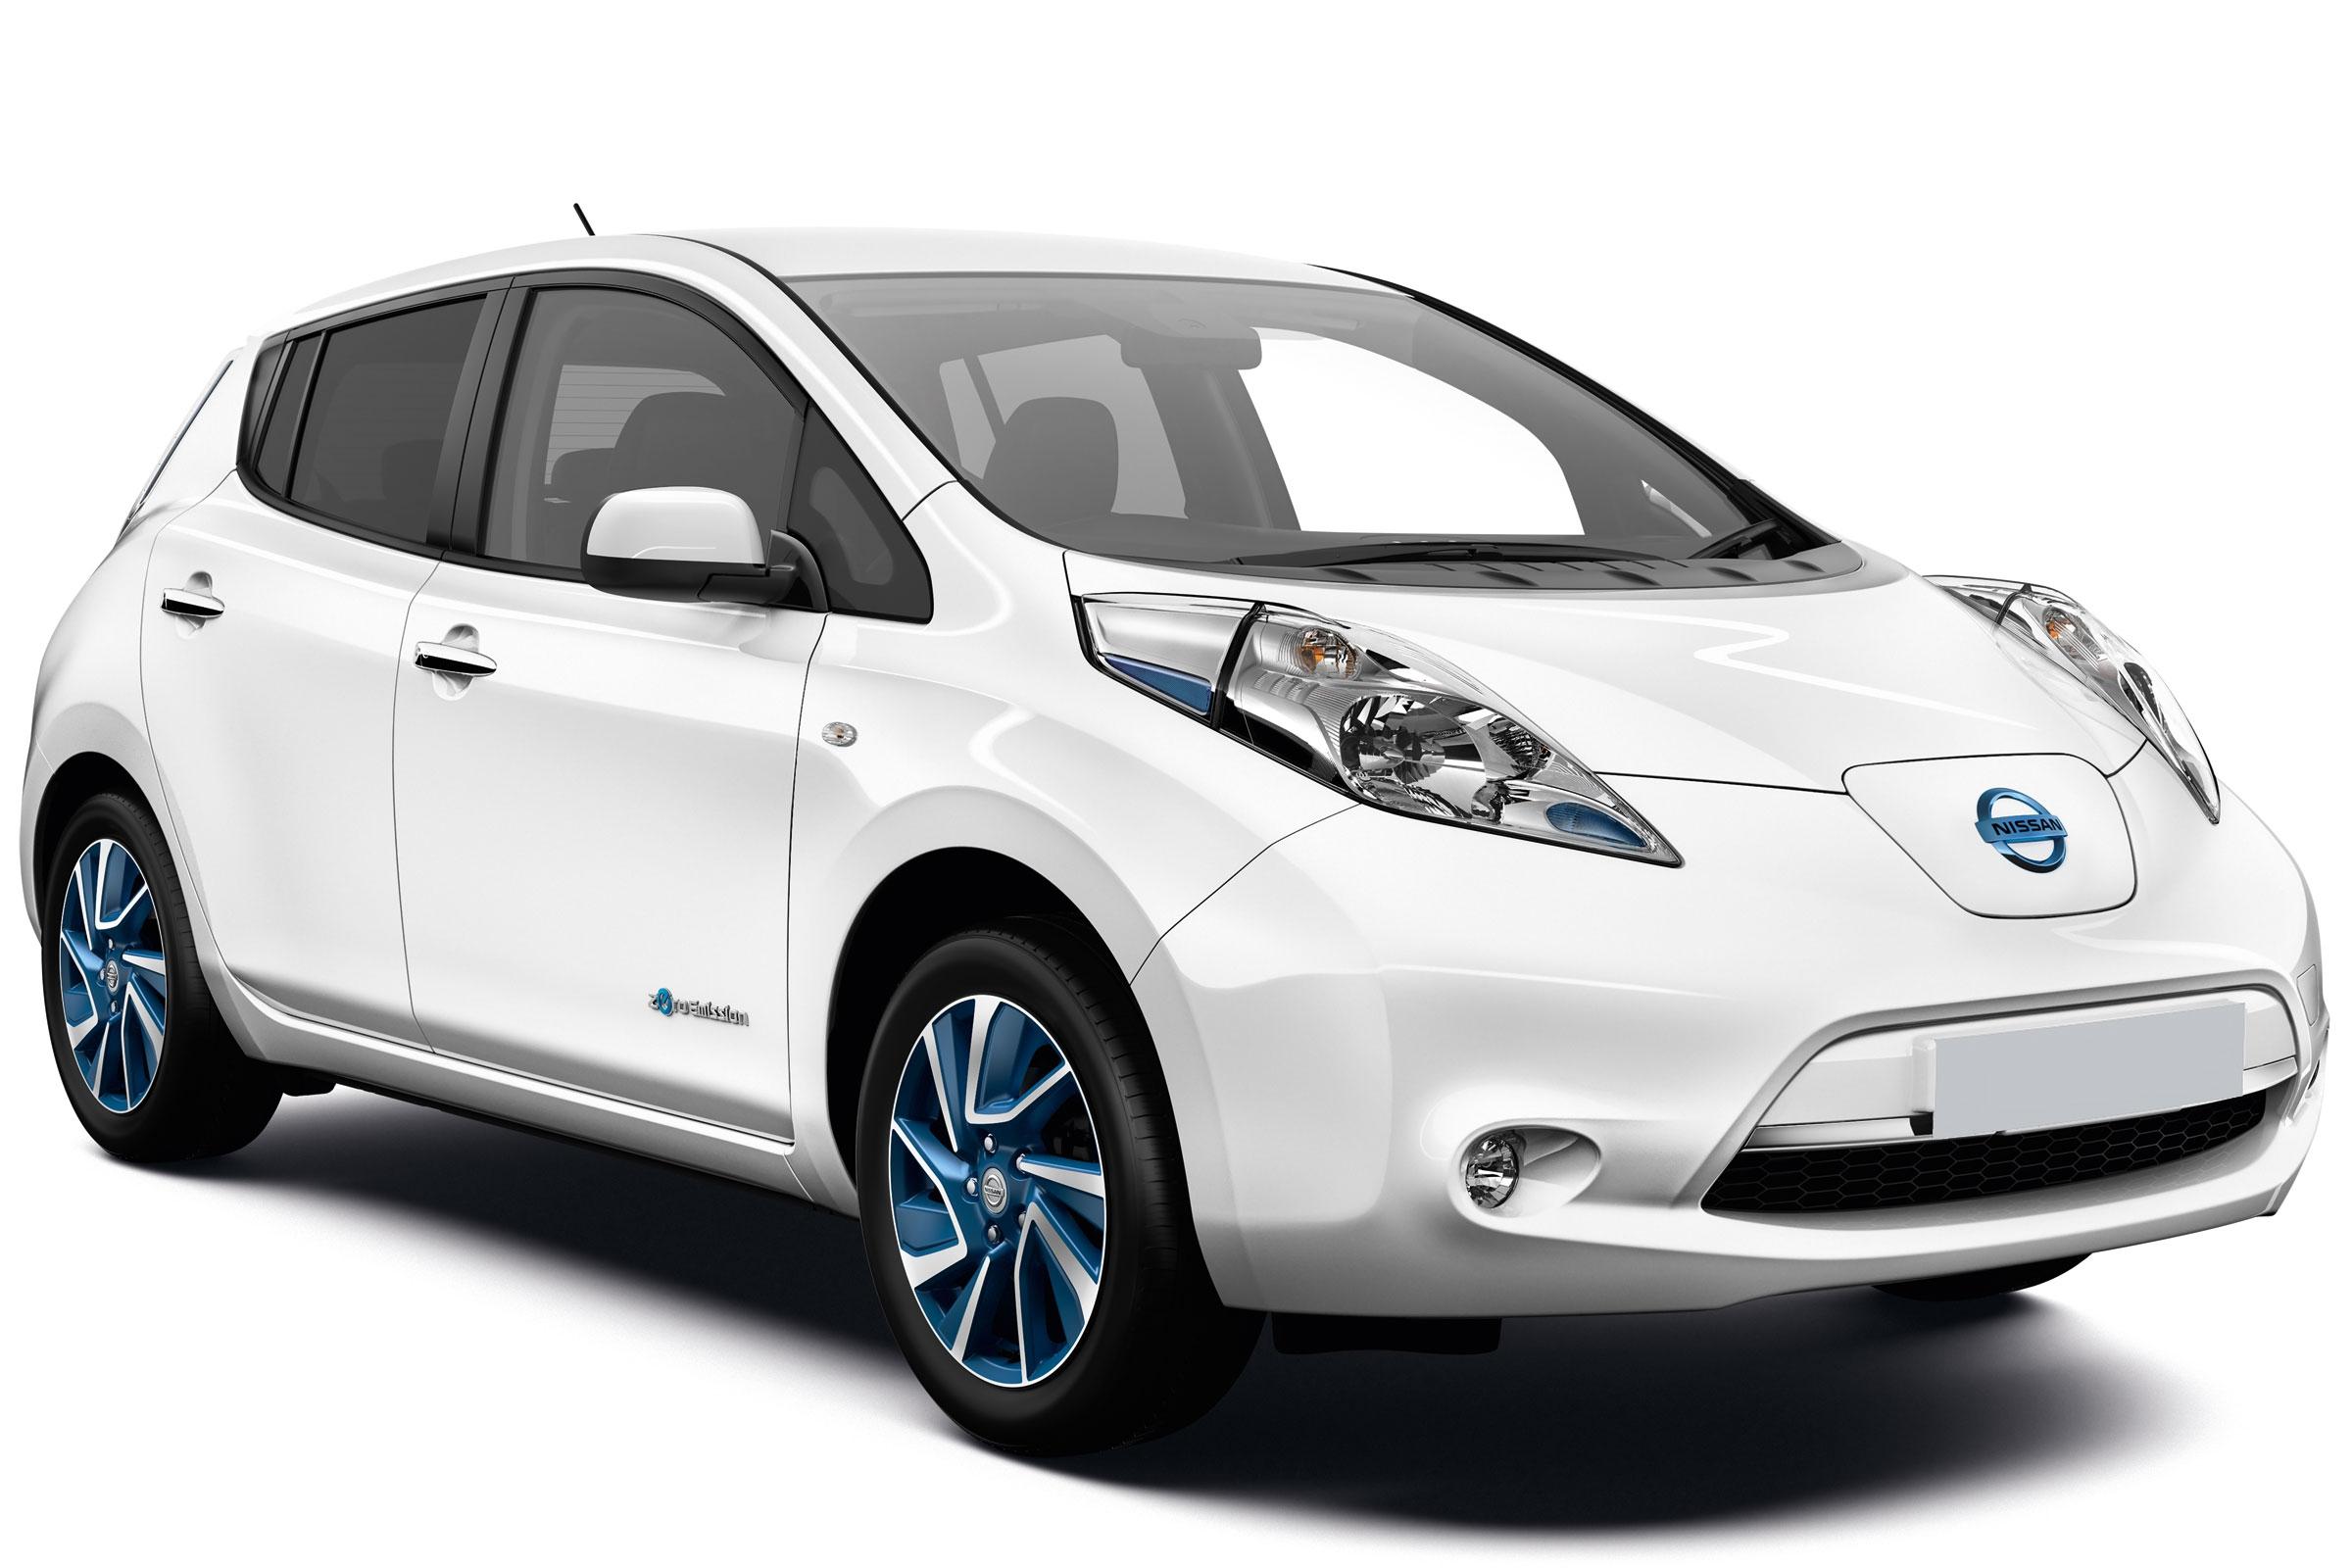 Nissan Leaf Hd Background